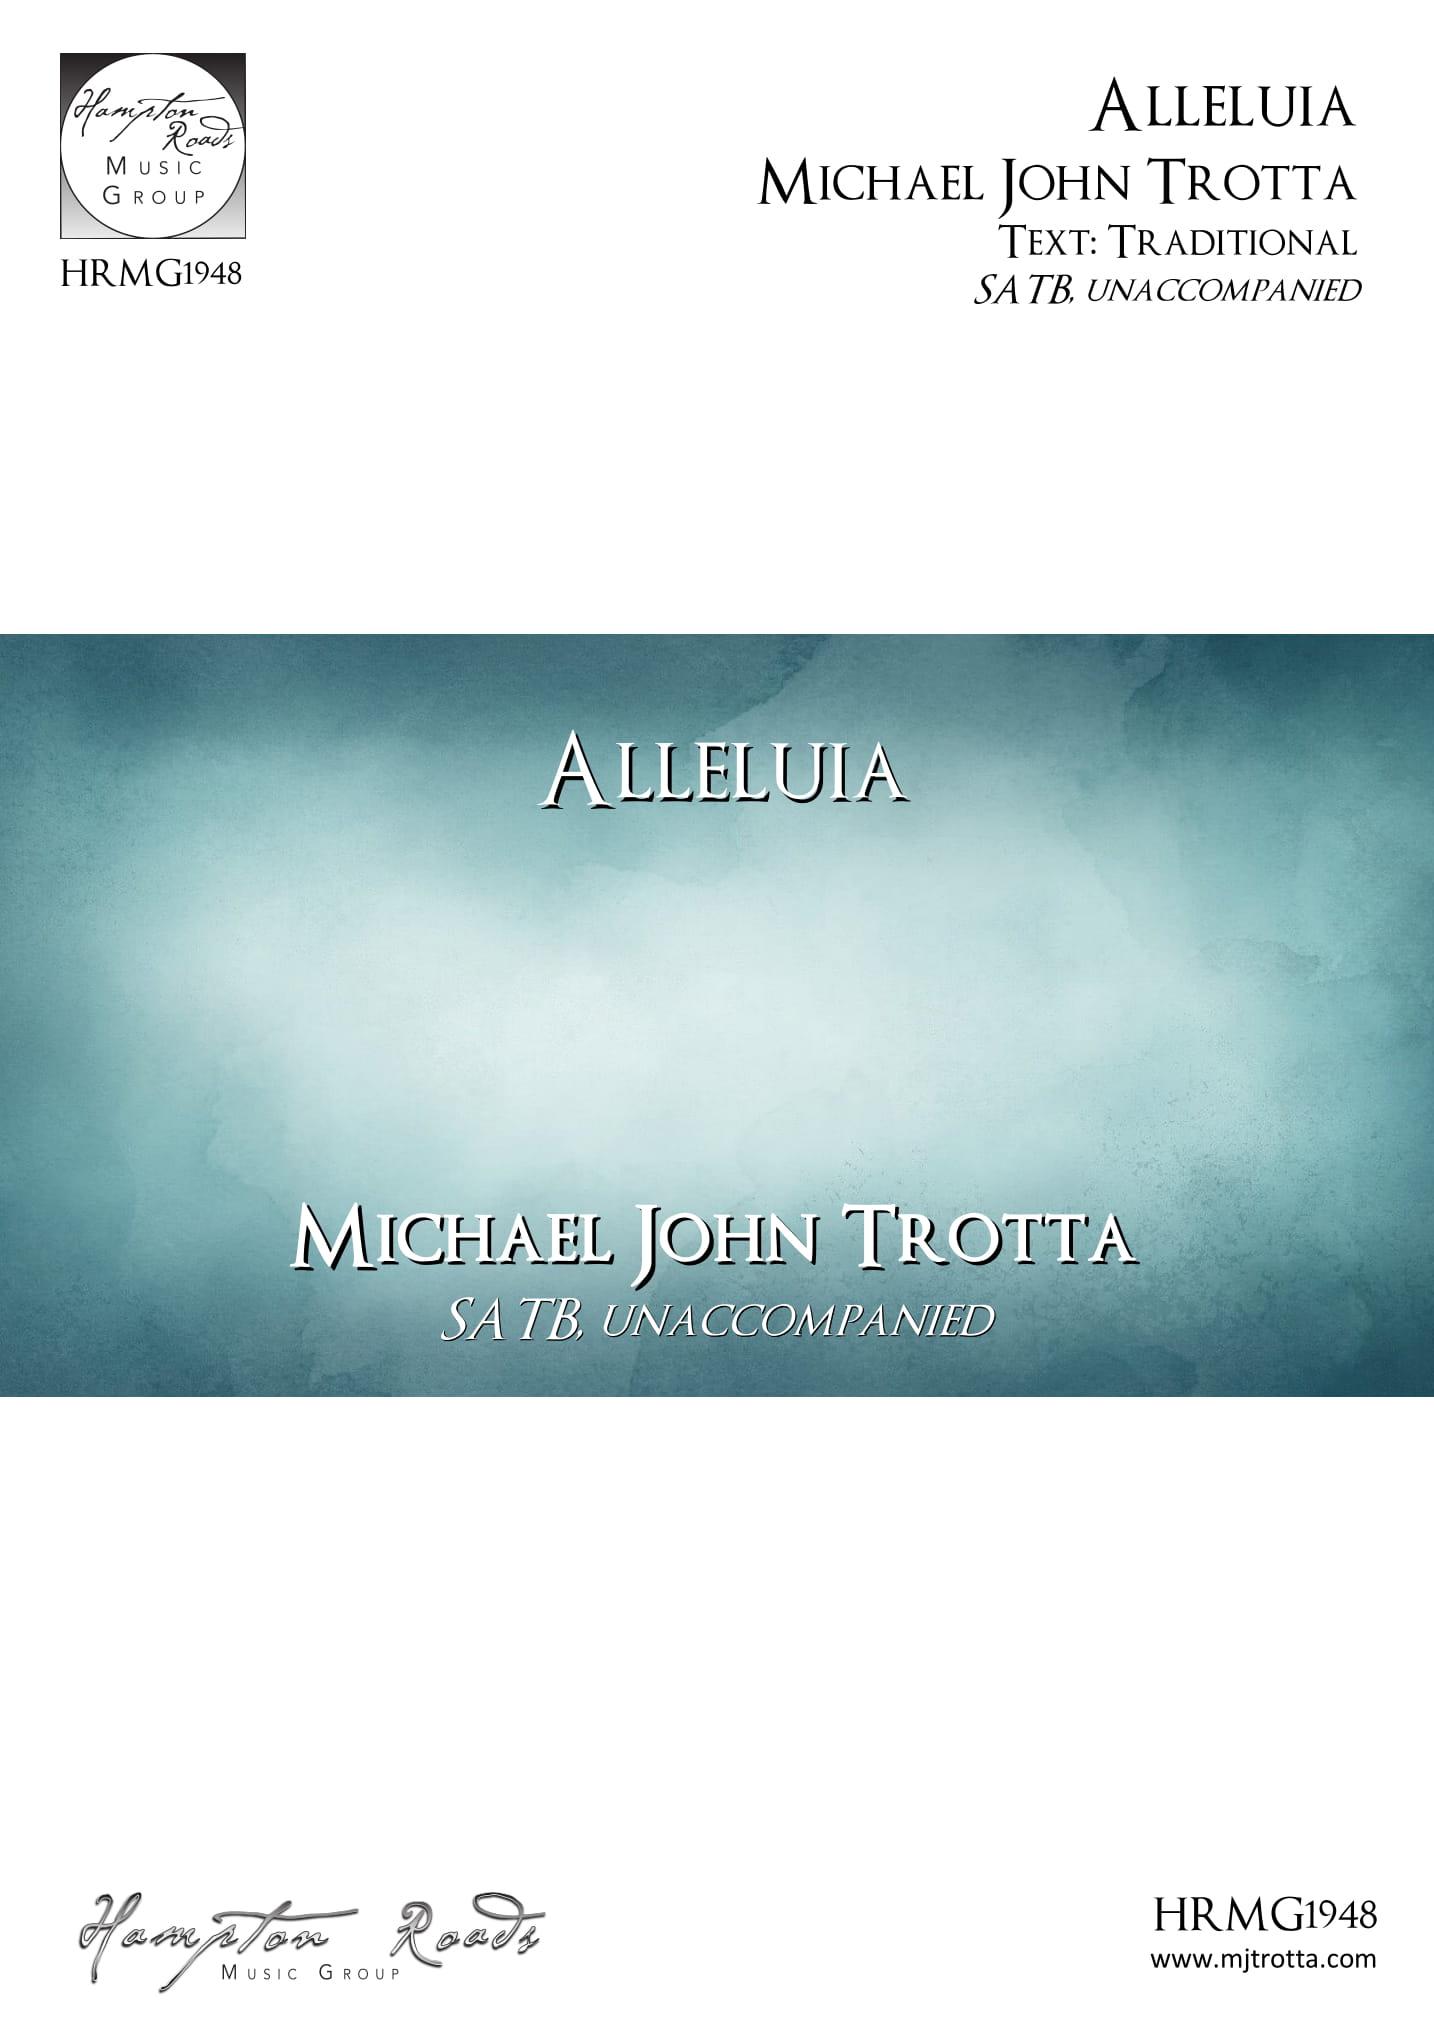 Alleluia - Michael John Trotta